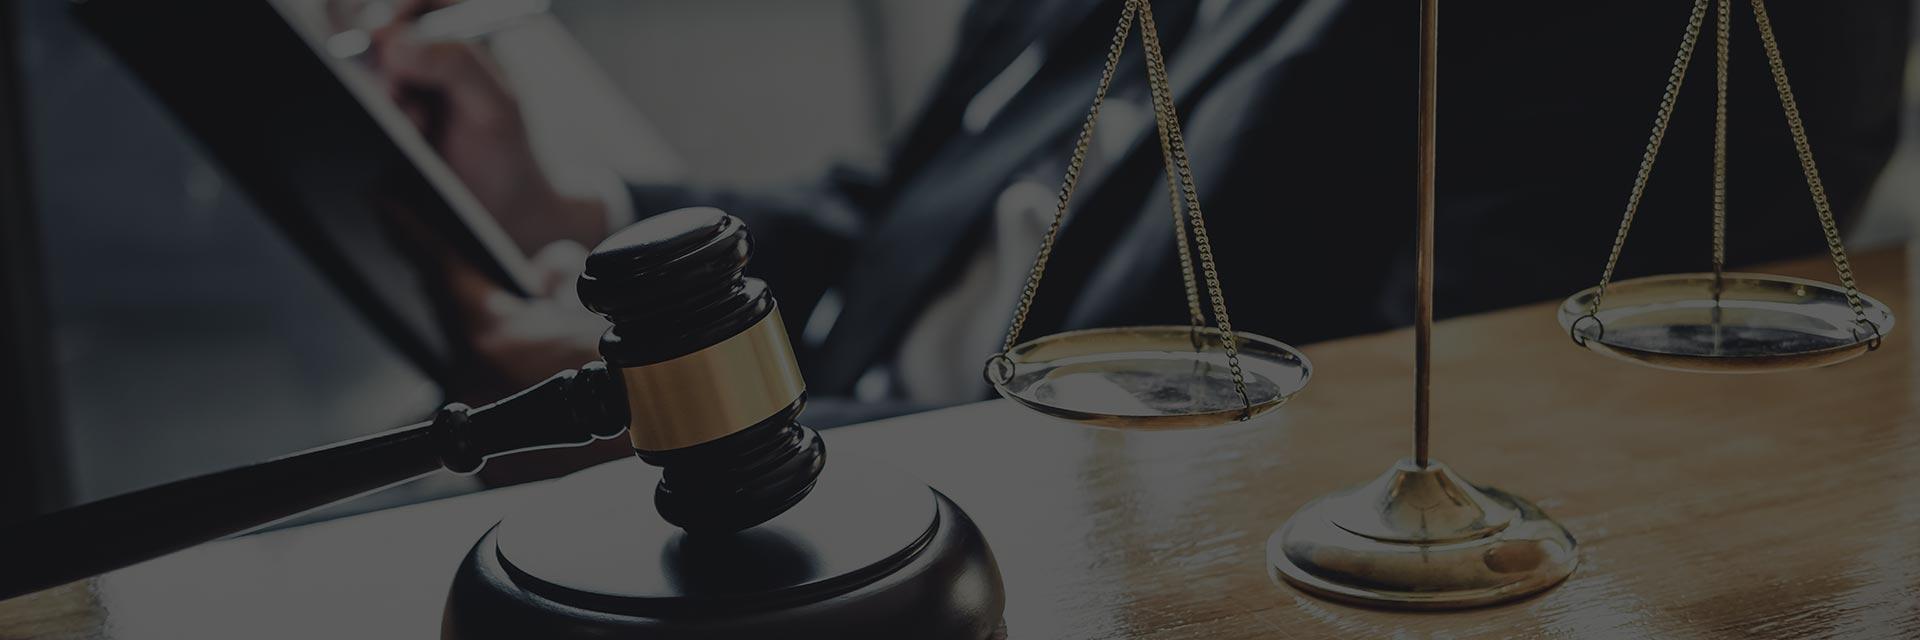 commercial-litigation-business-disputes